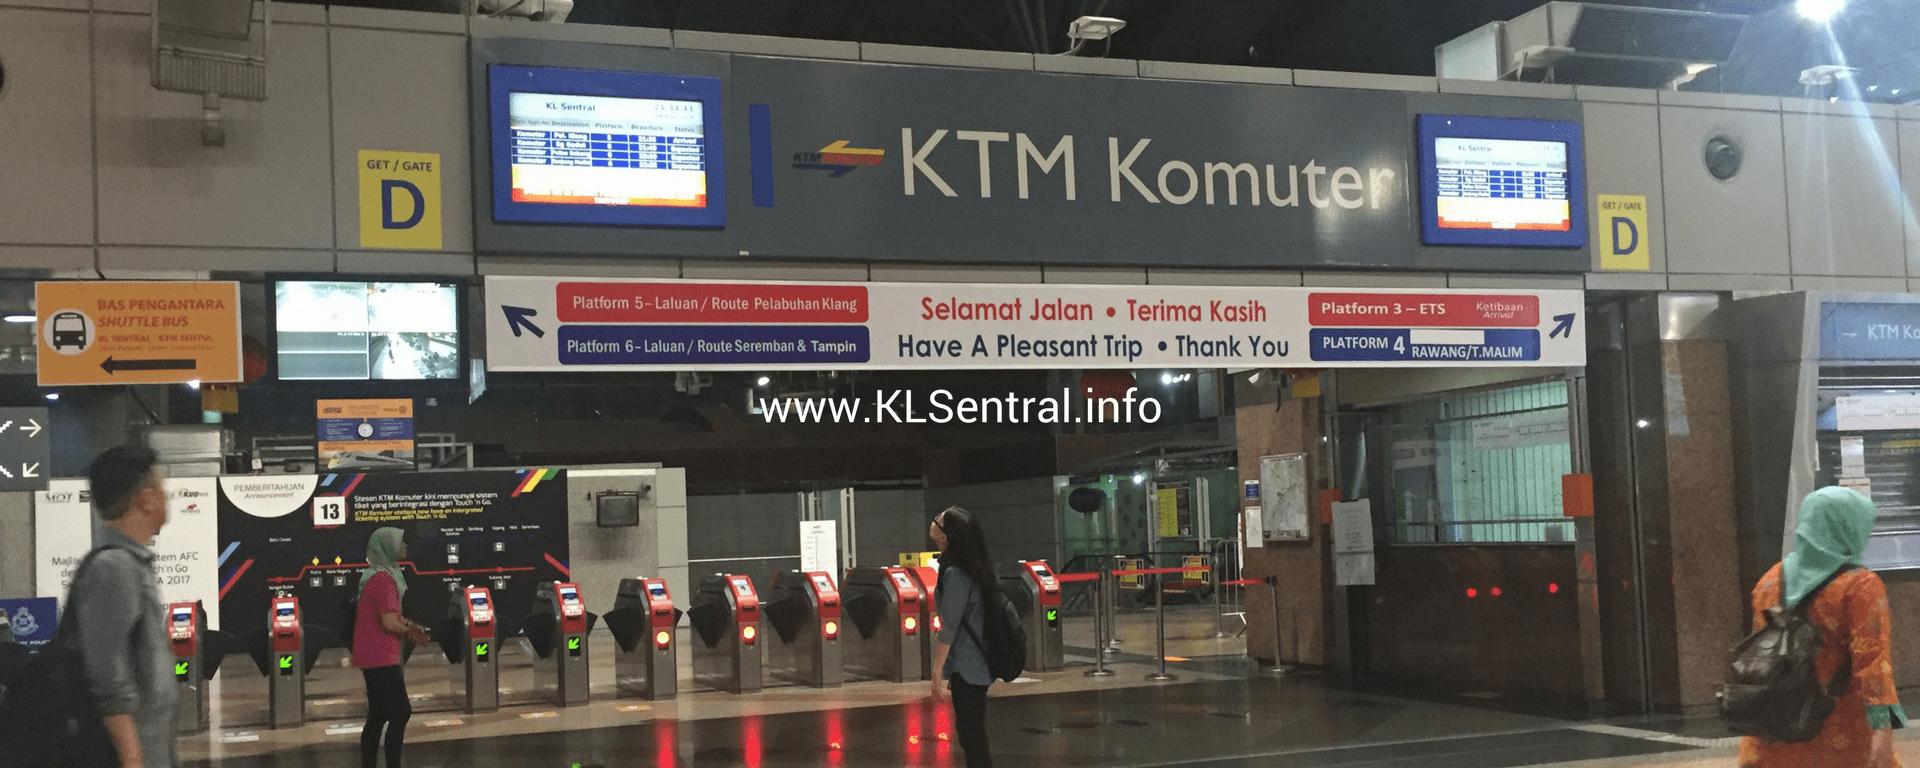 KTM-komuter-station-entrance-kl-sentral